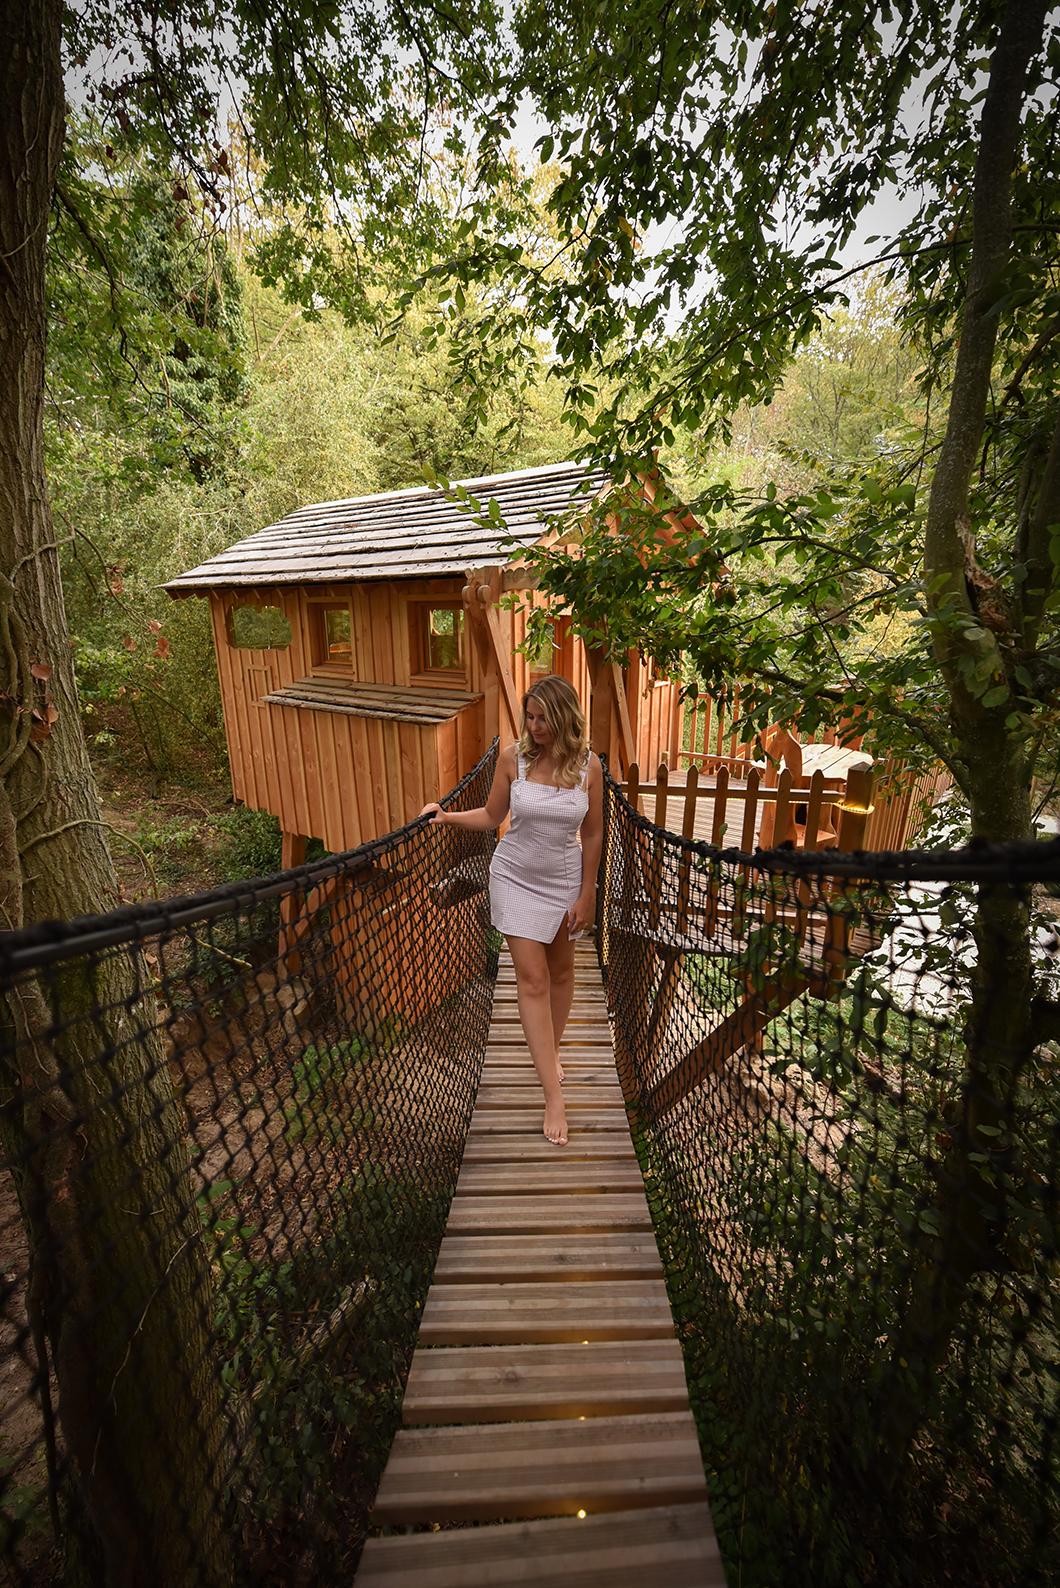 Une nuit au Bois de Rosoy dans une cabane insolite